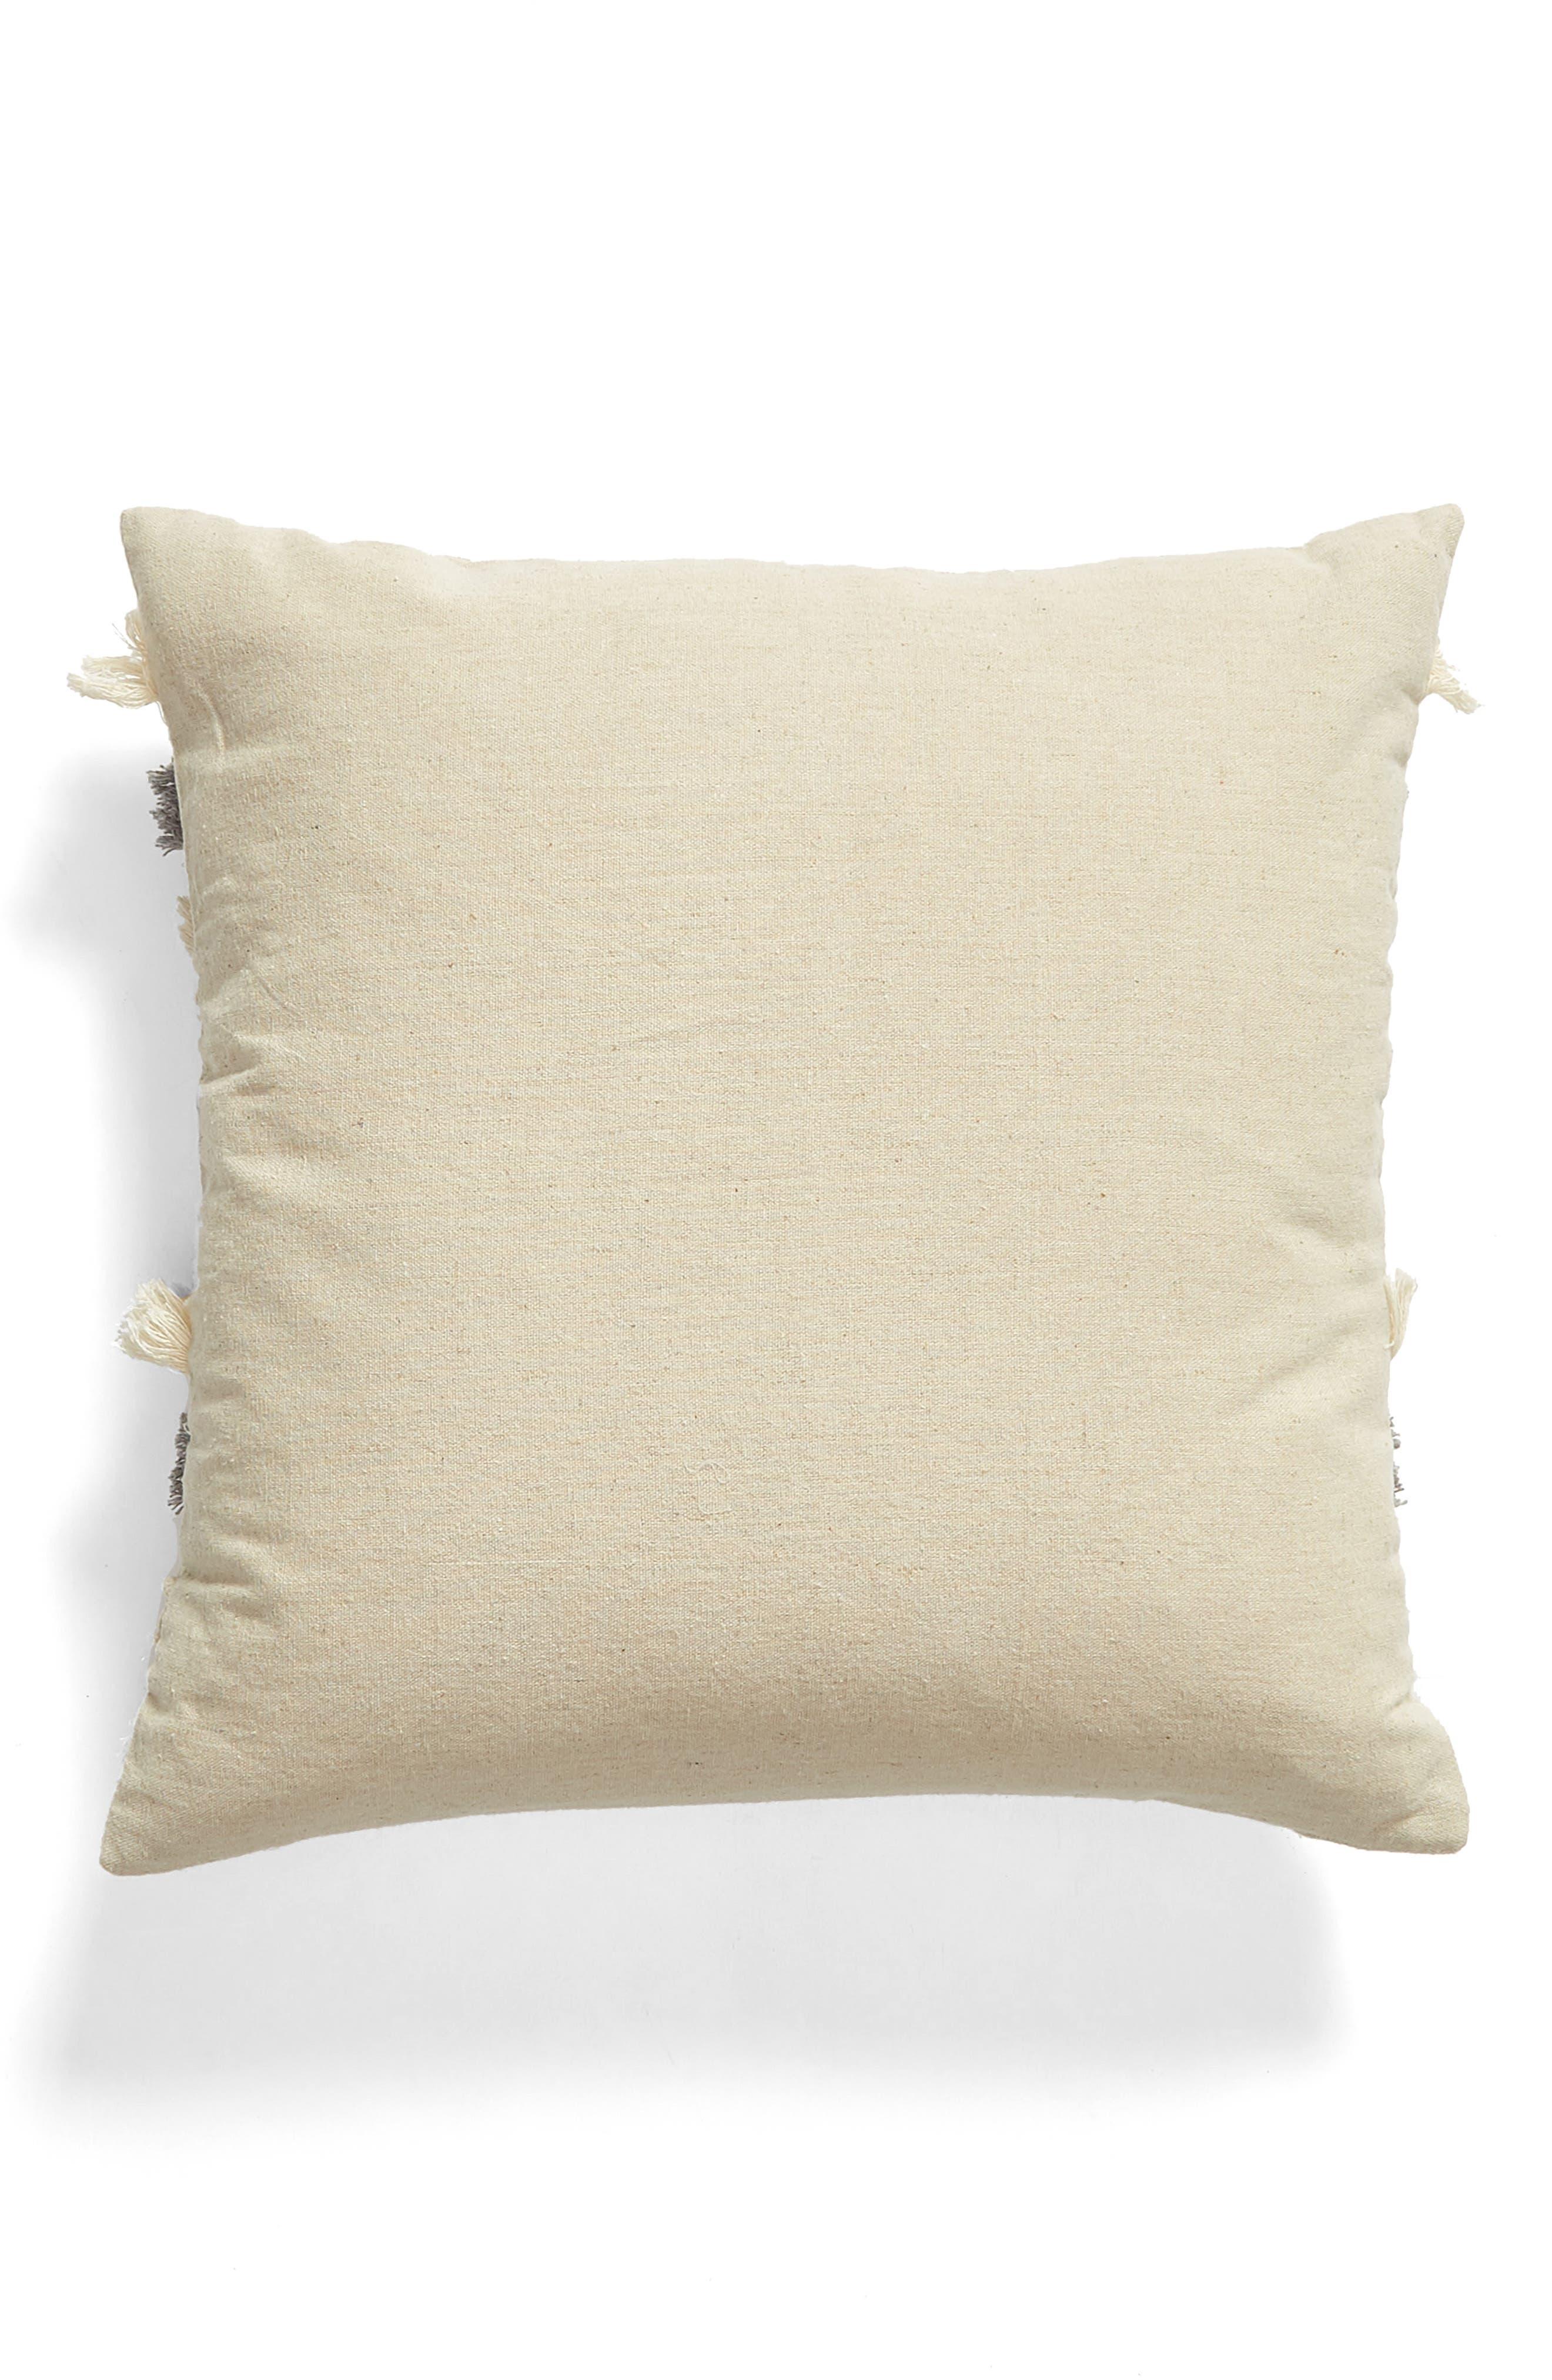 LEVTEX,                             Hilo Fringe Accent Pillow,                             Alternate thumbnail 2, color,                             NATURAL